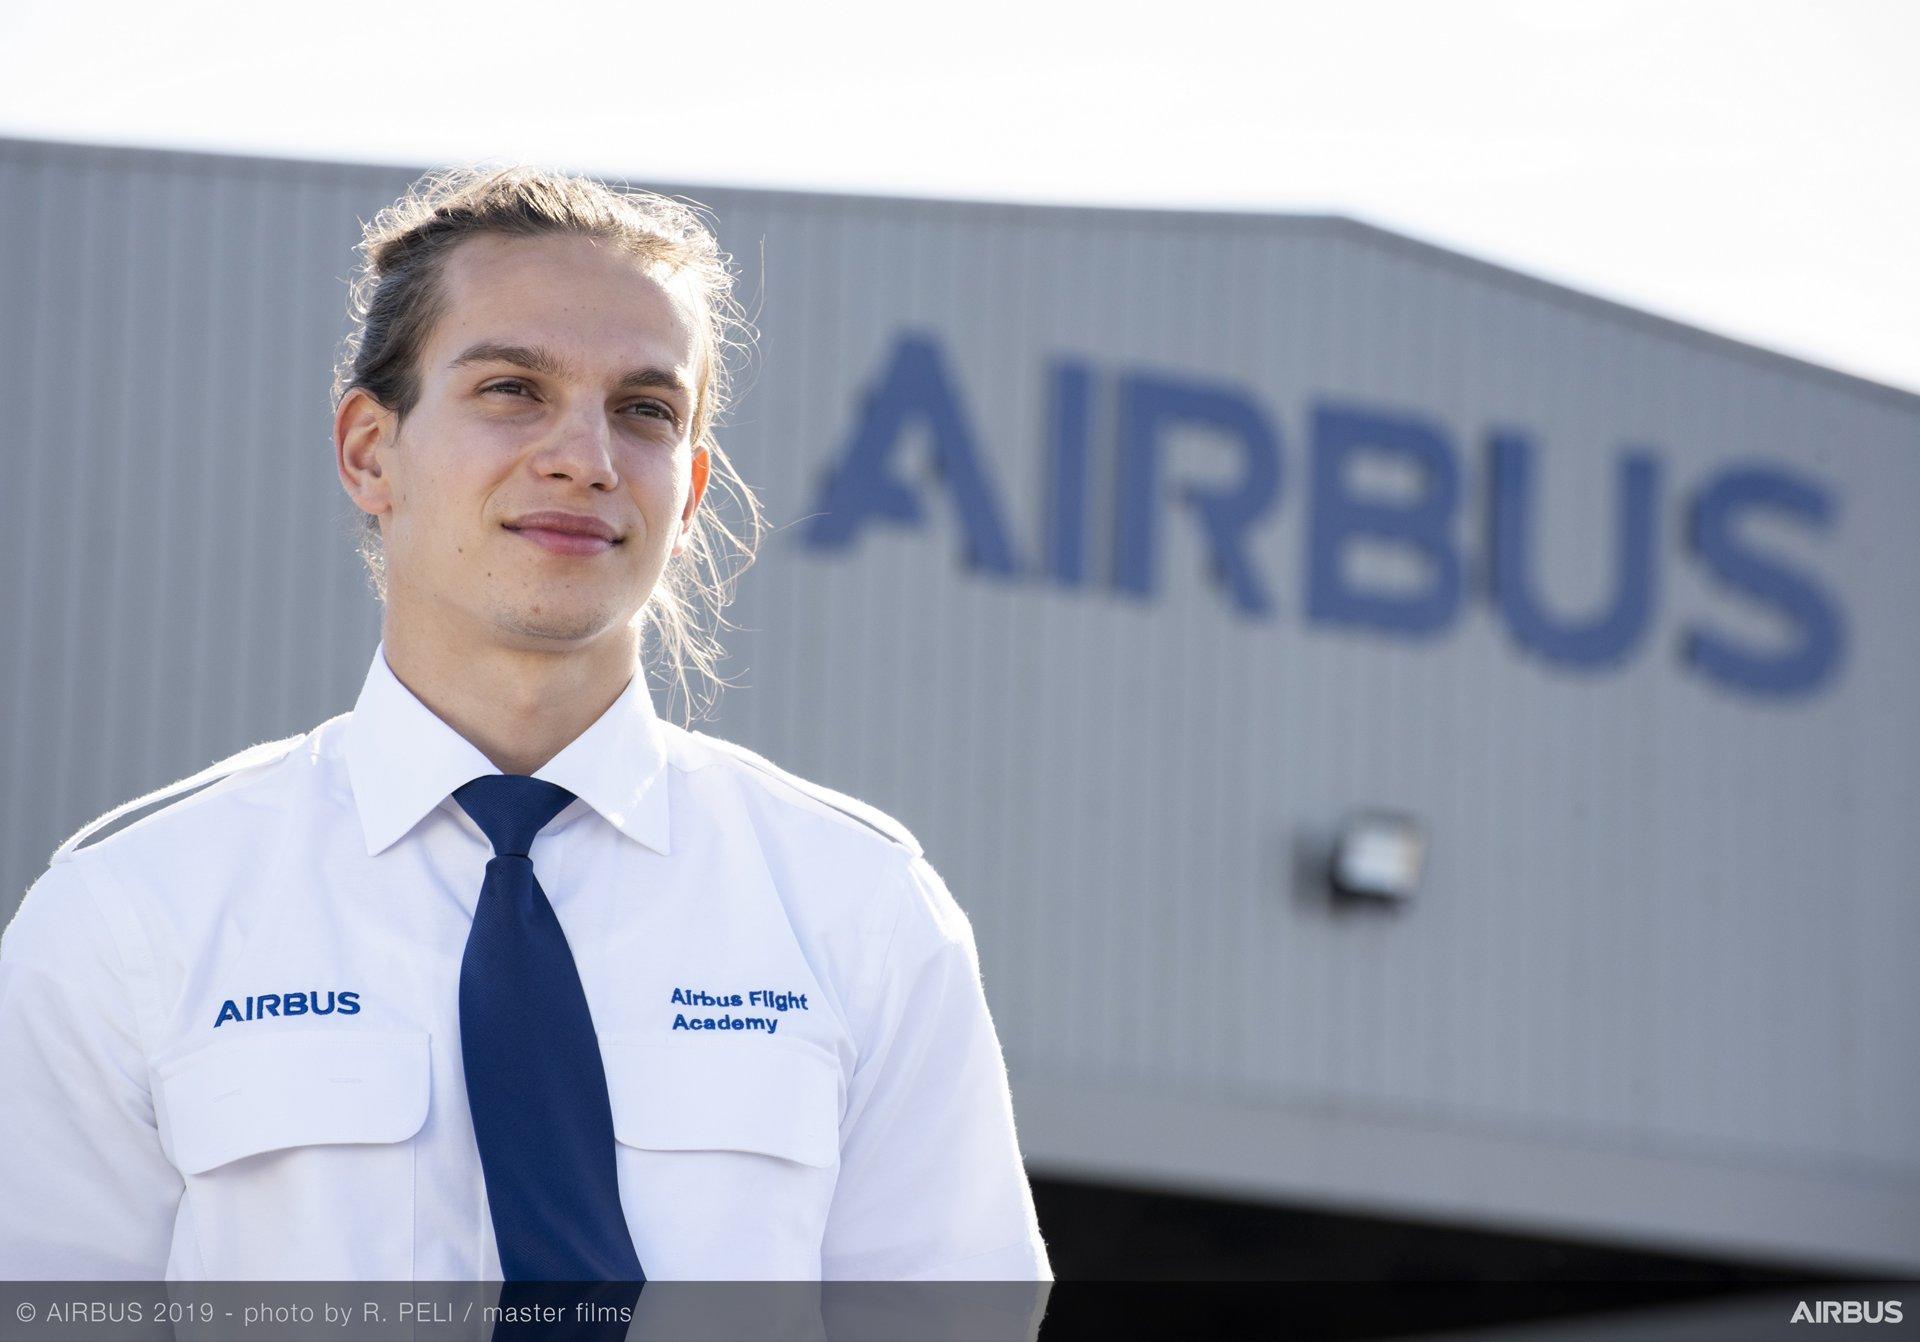 Airbus Pilot Cadet Training